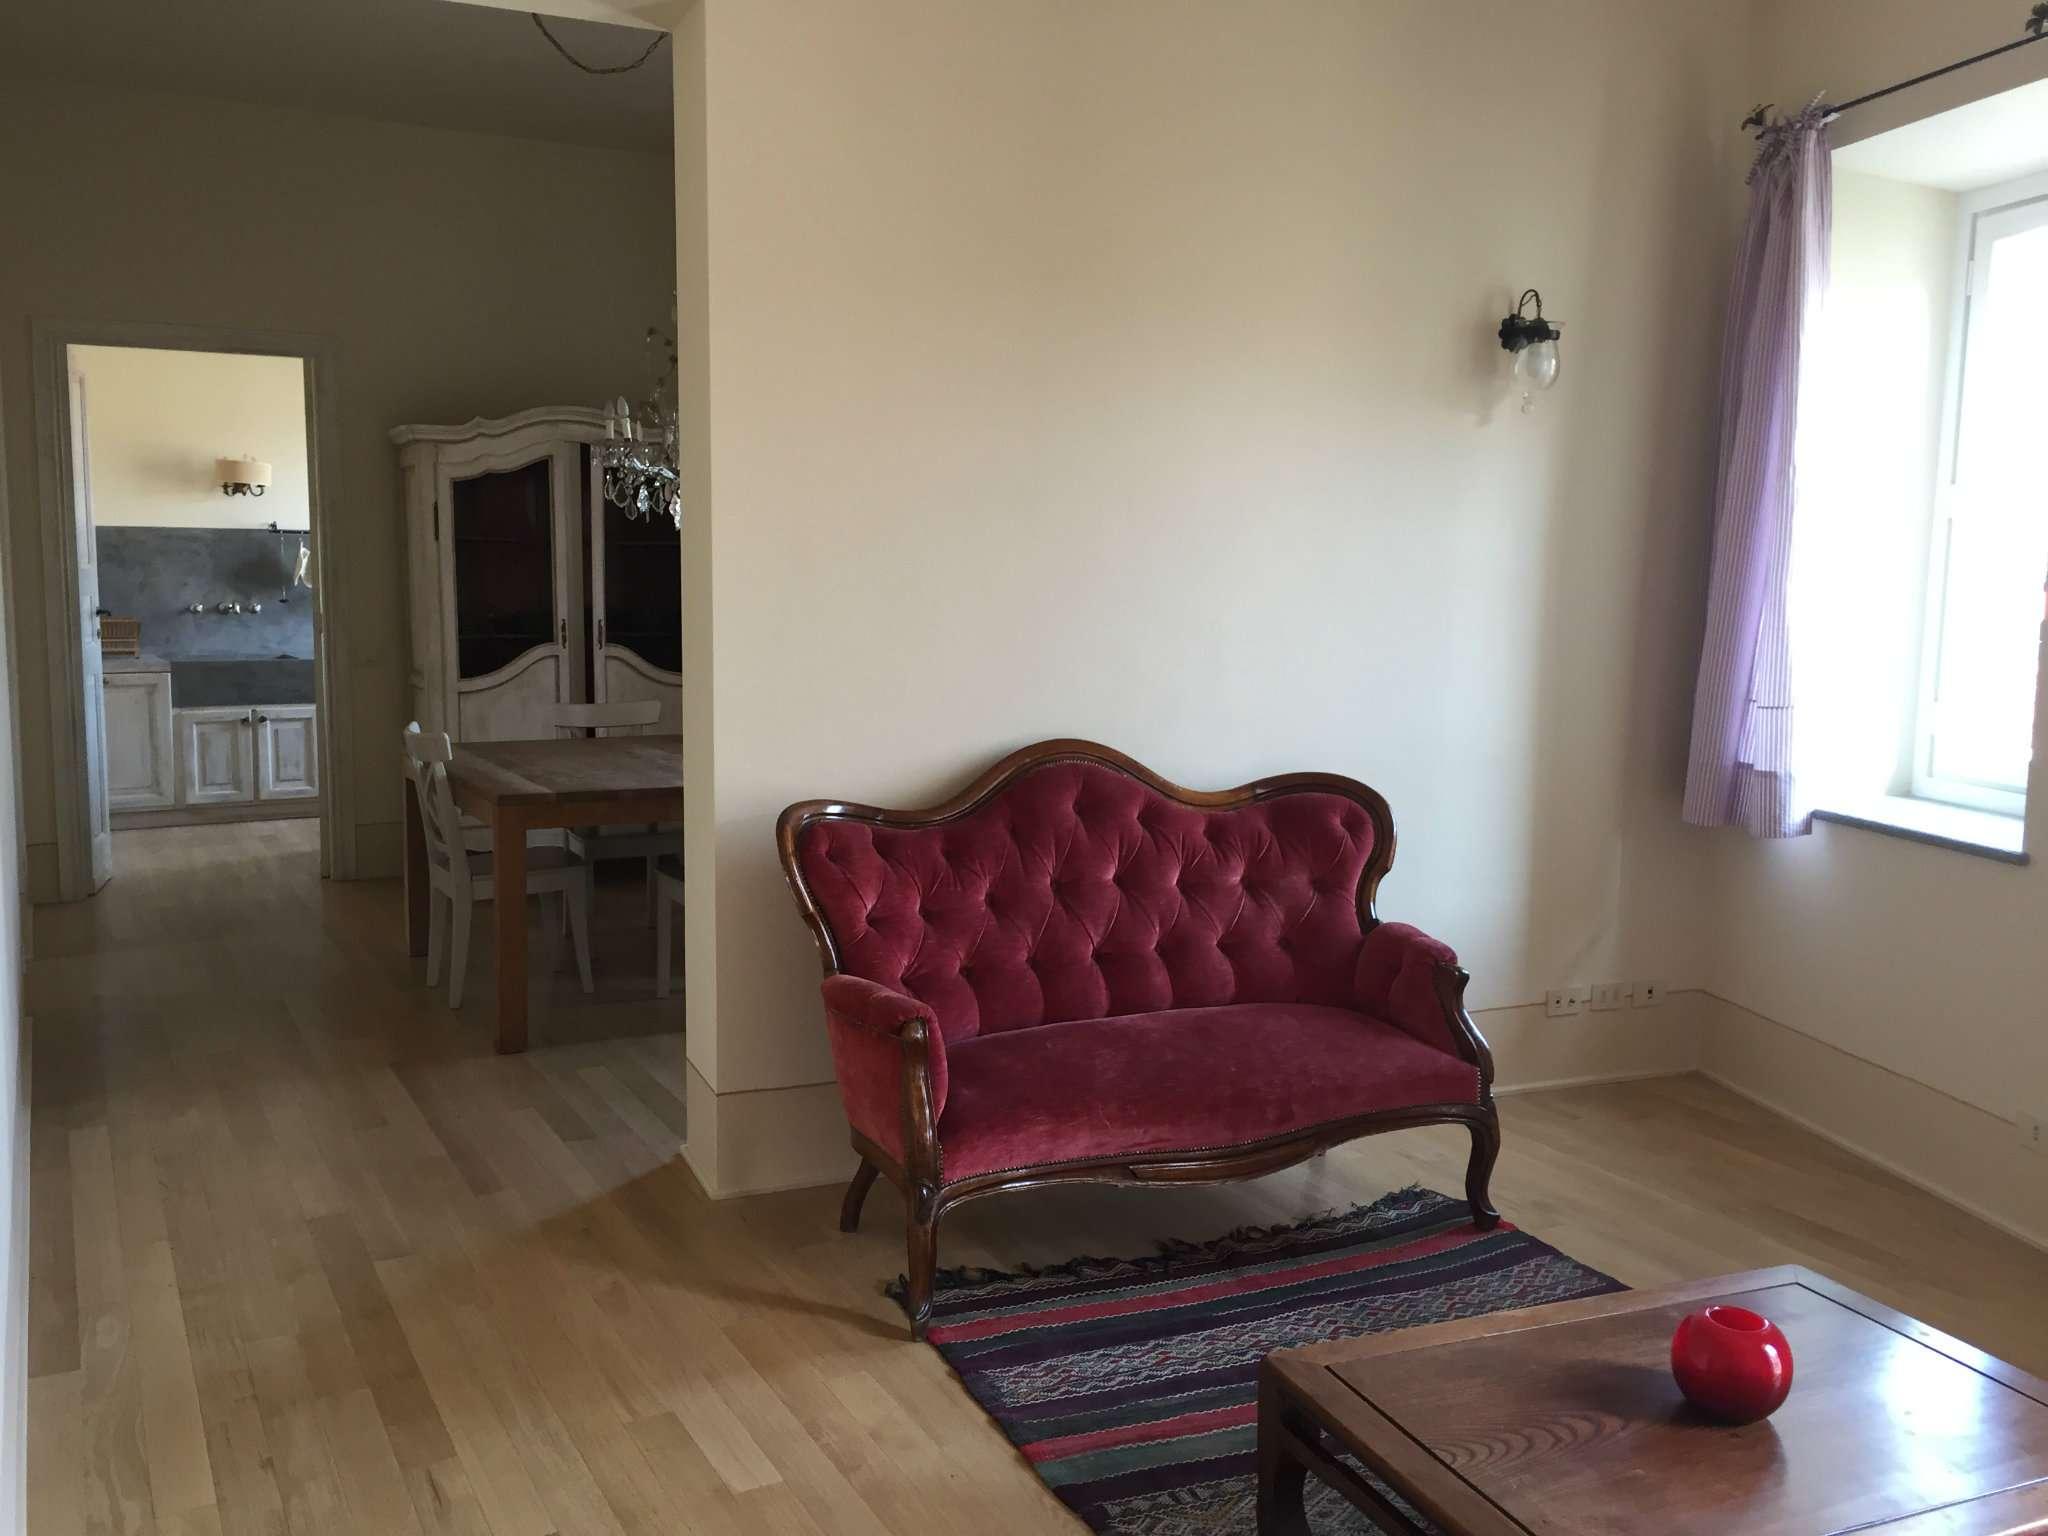 Appartamento in affitto a Moncalieri, 4 locali, prezzo € 800 | CambioCasa.it